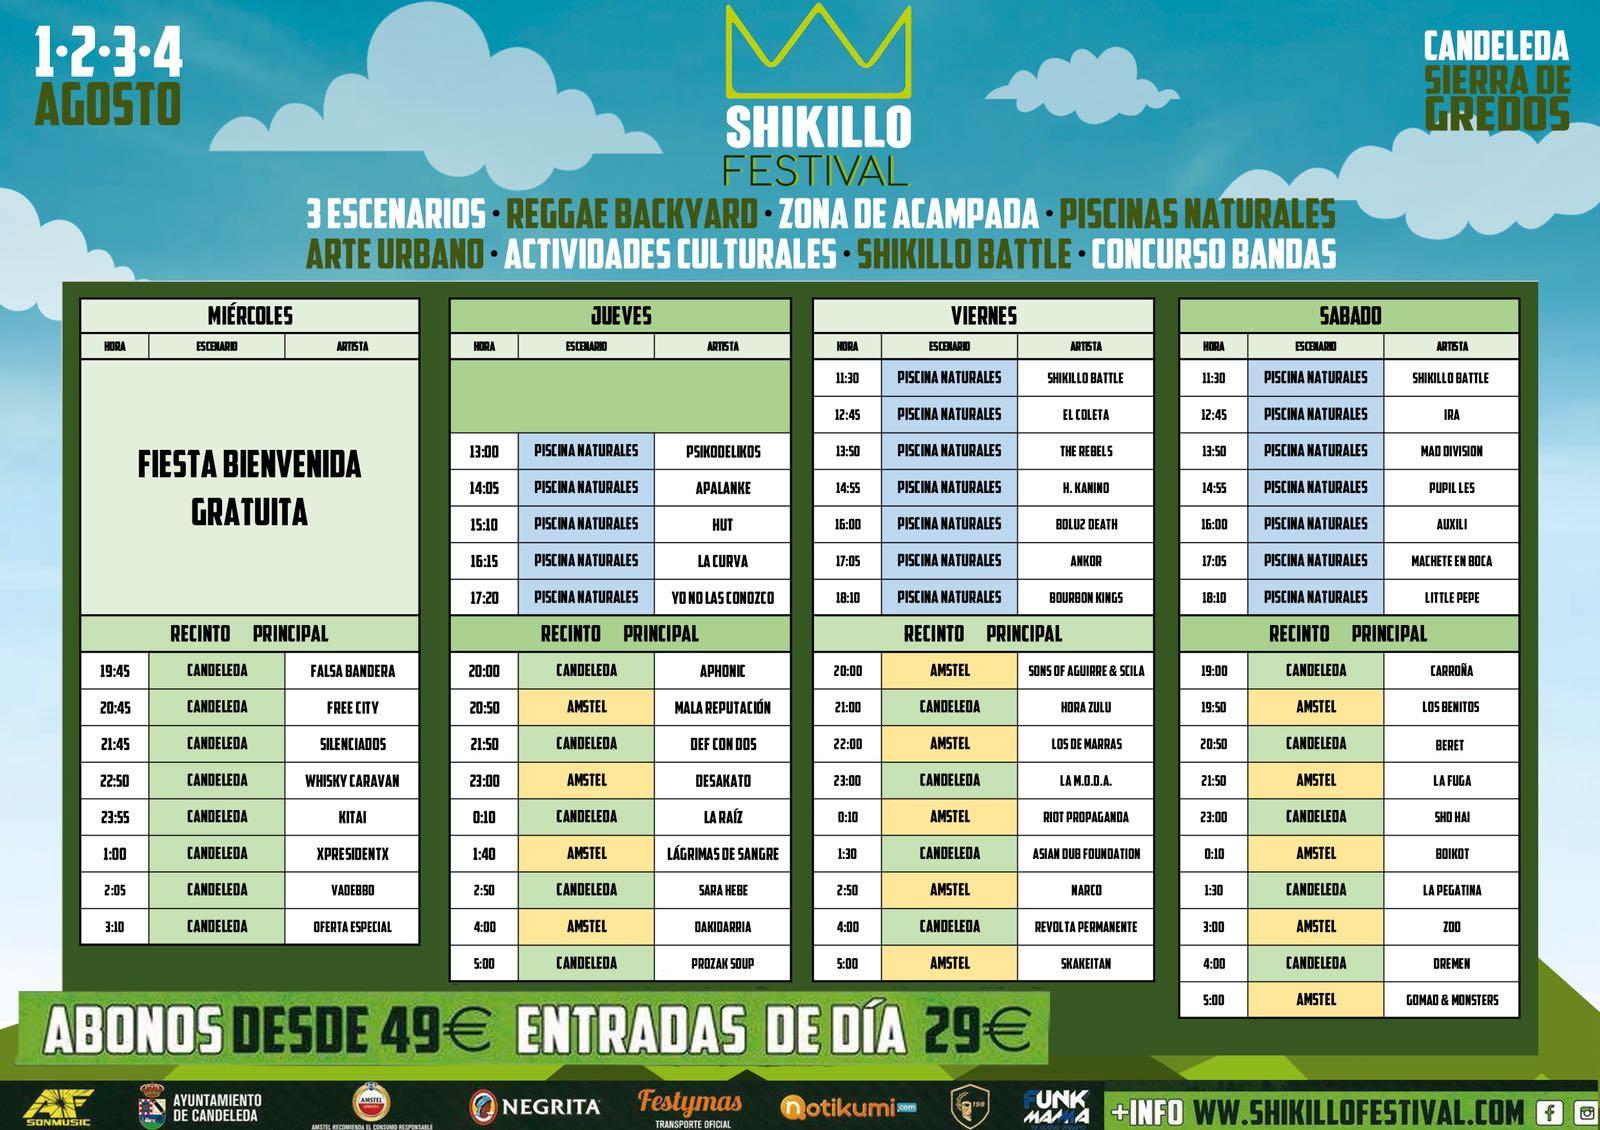 Nuevos Horarios Shikillo Festival - TiétarTeVe